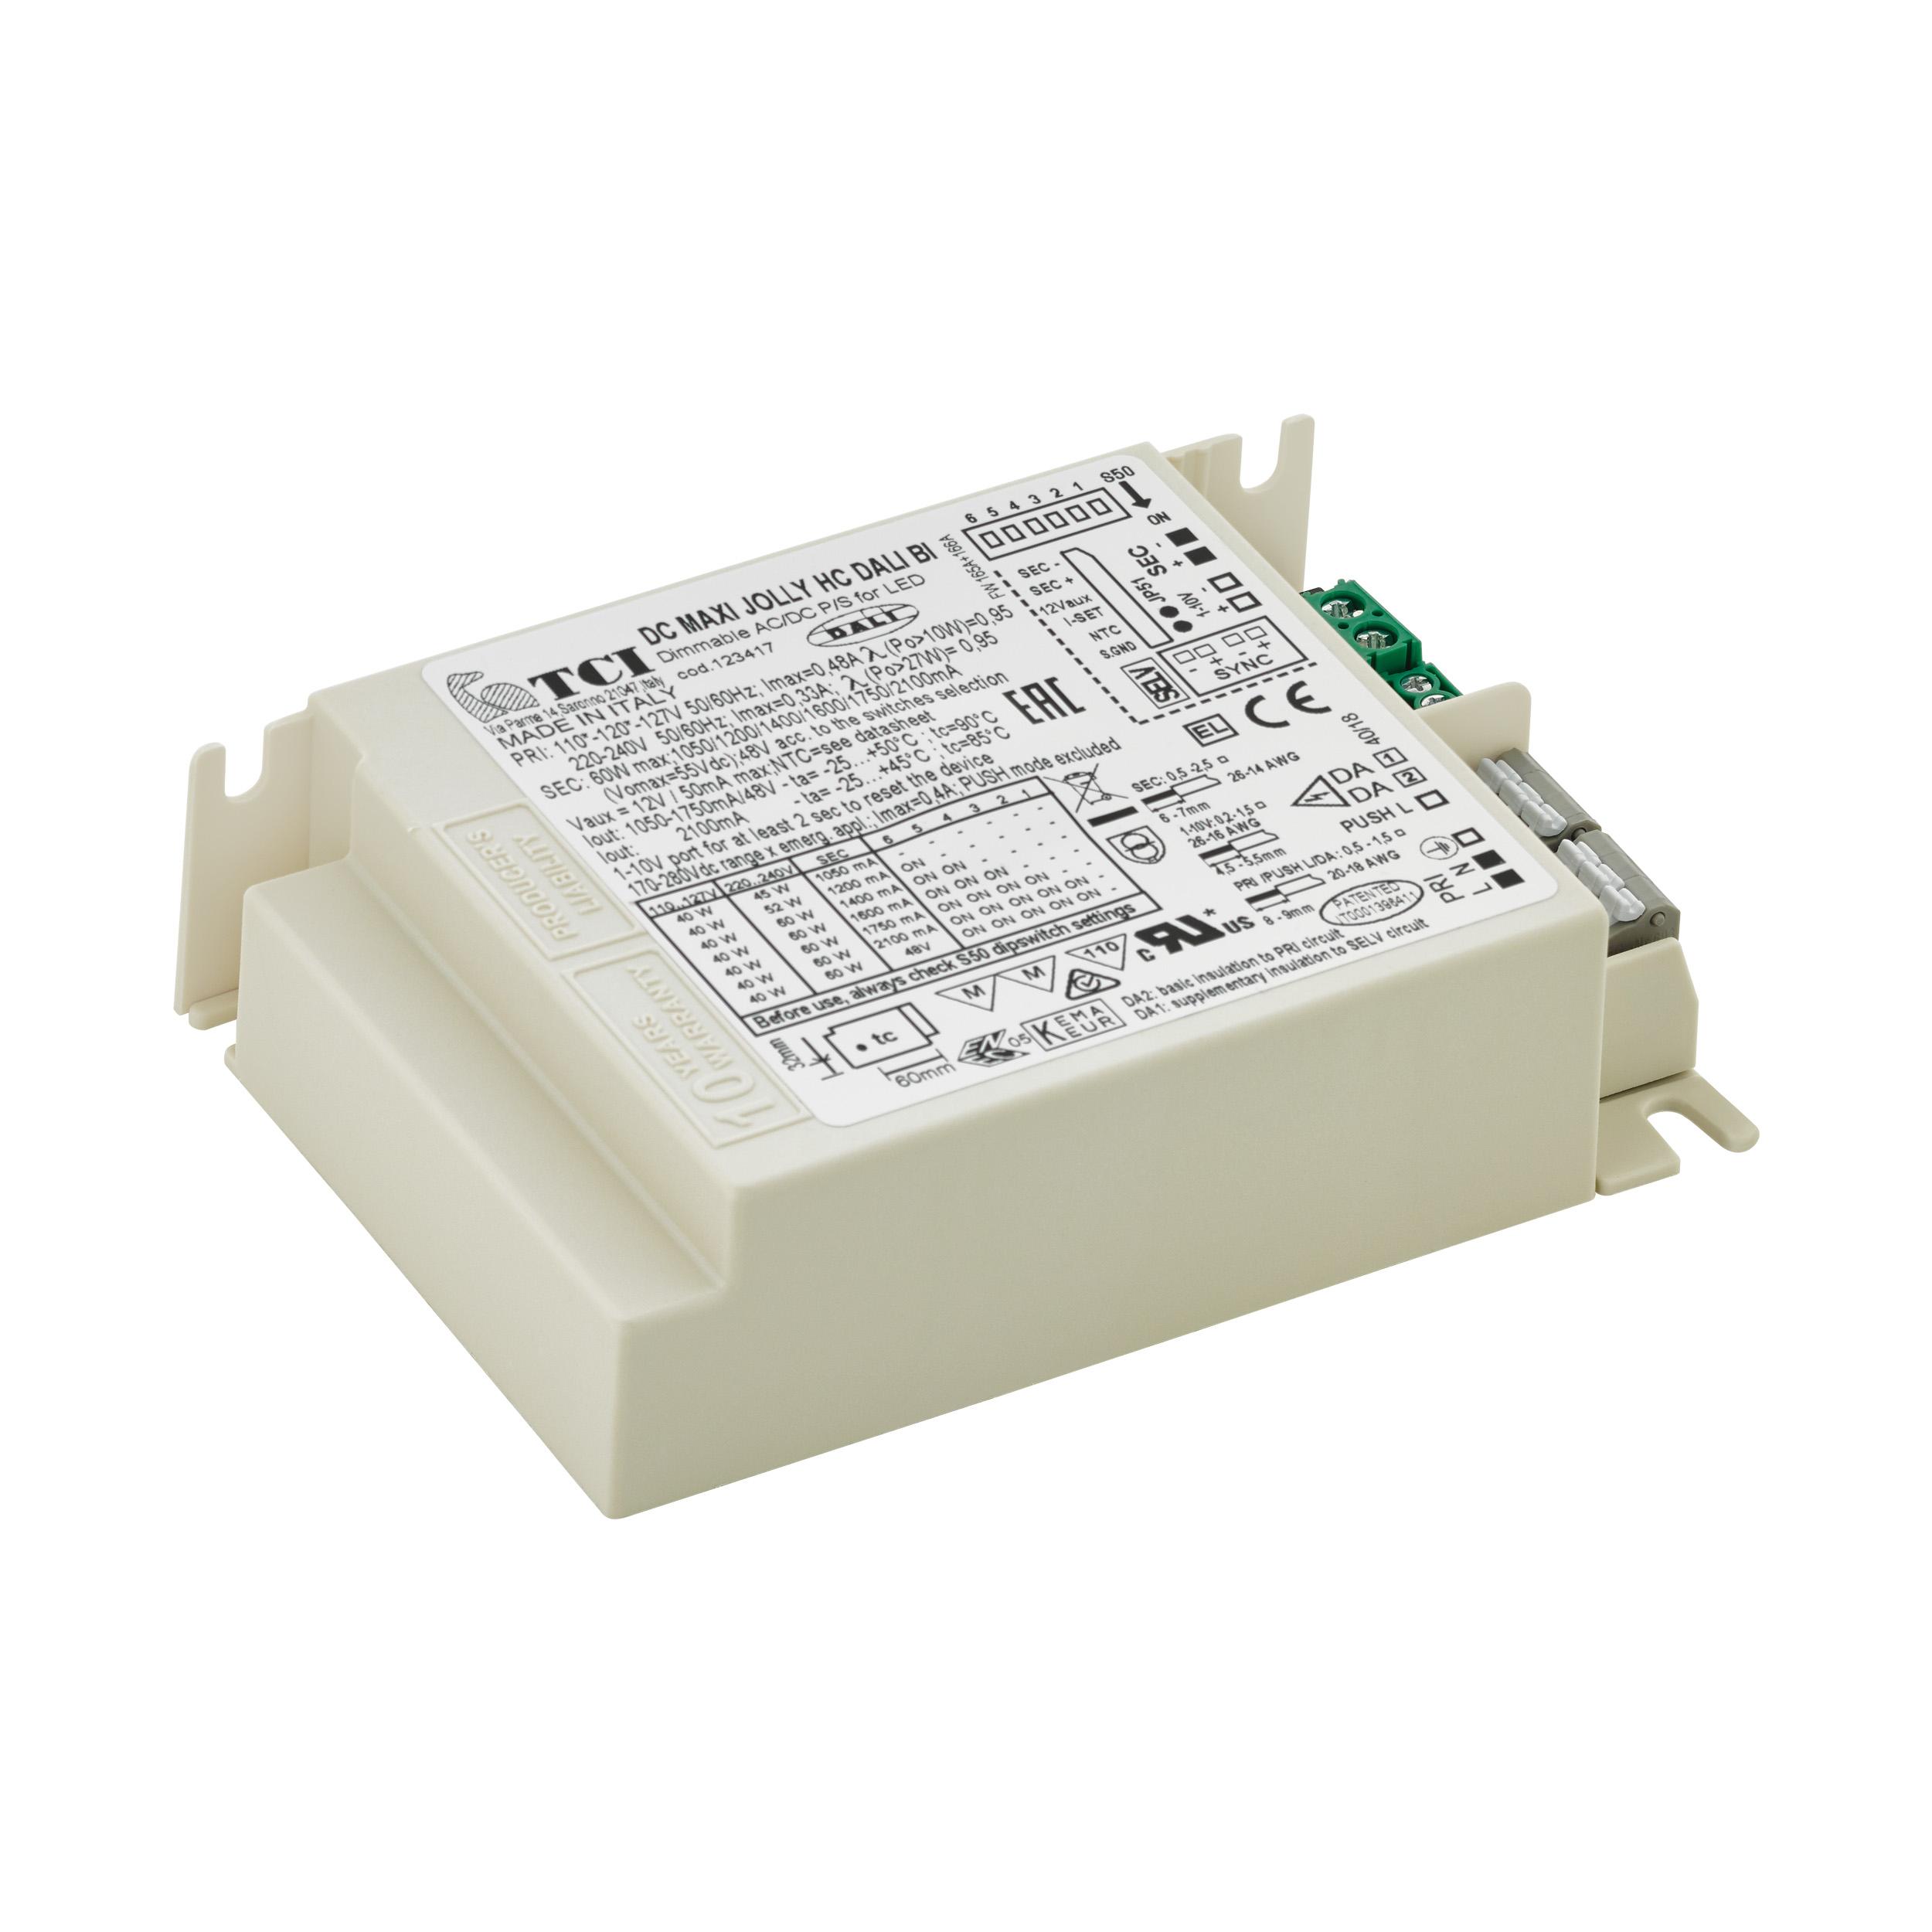 1 Stk LED-TREIBER TCI DC MAXI JOLLY HCDALI 60BI LI69263---